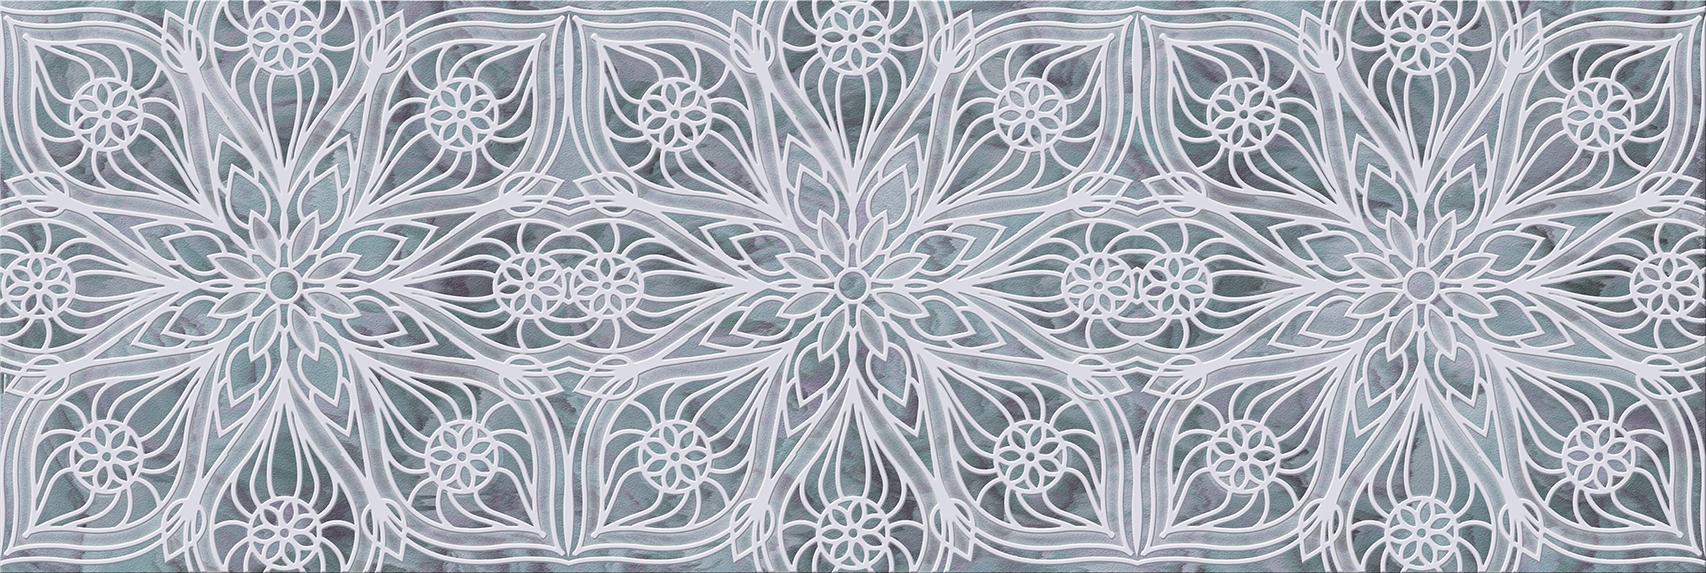 Купить Керамическая плитка AltaСera Hloya Stella DW11STL03 декор 20x60, Россия